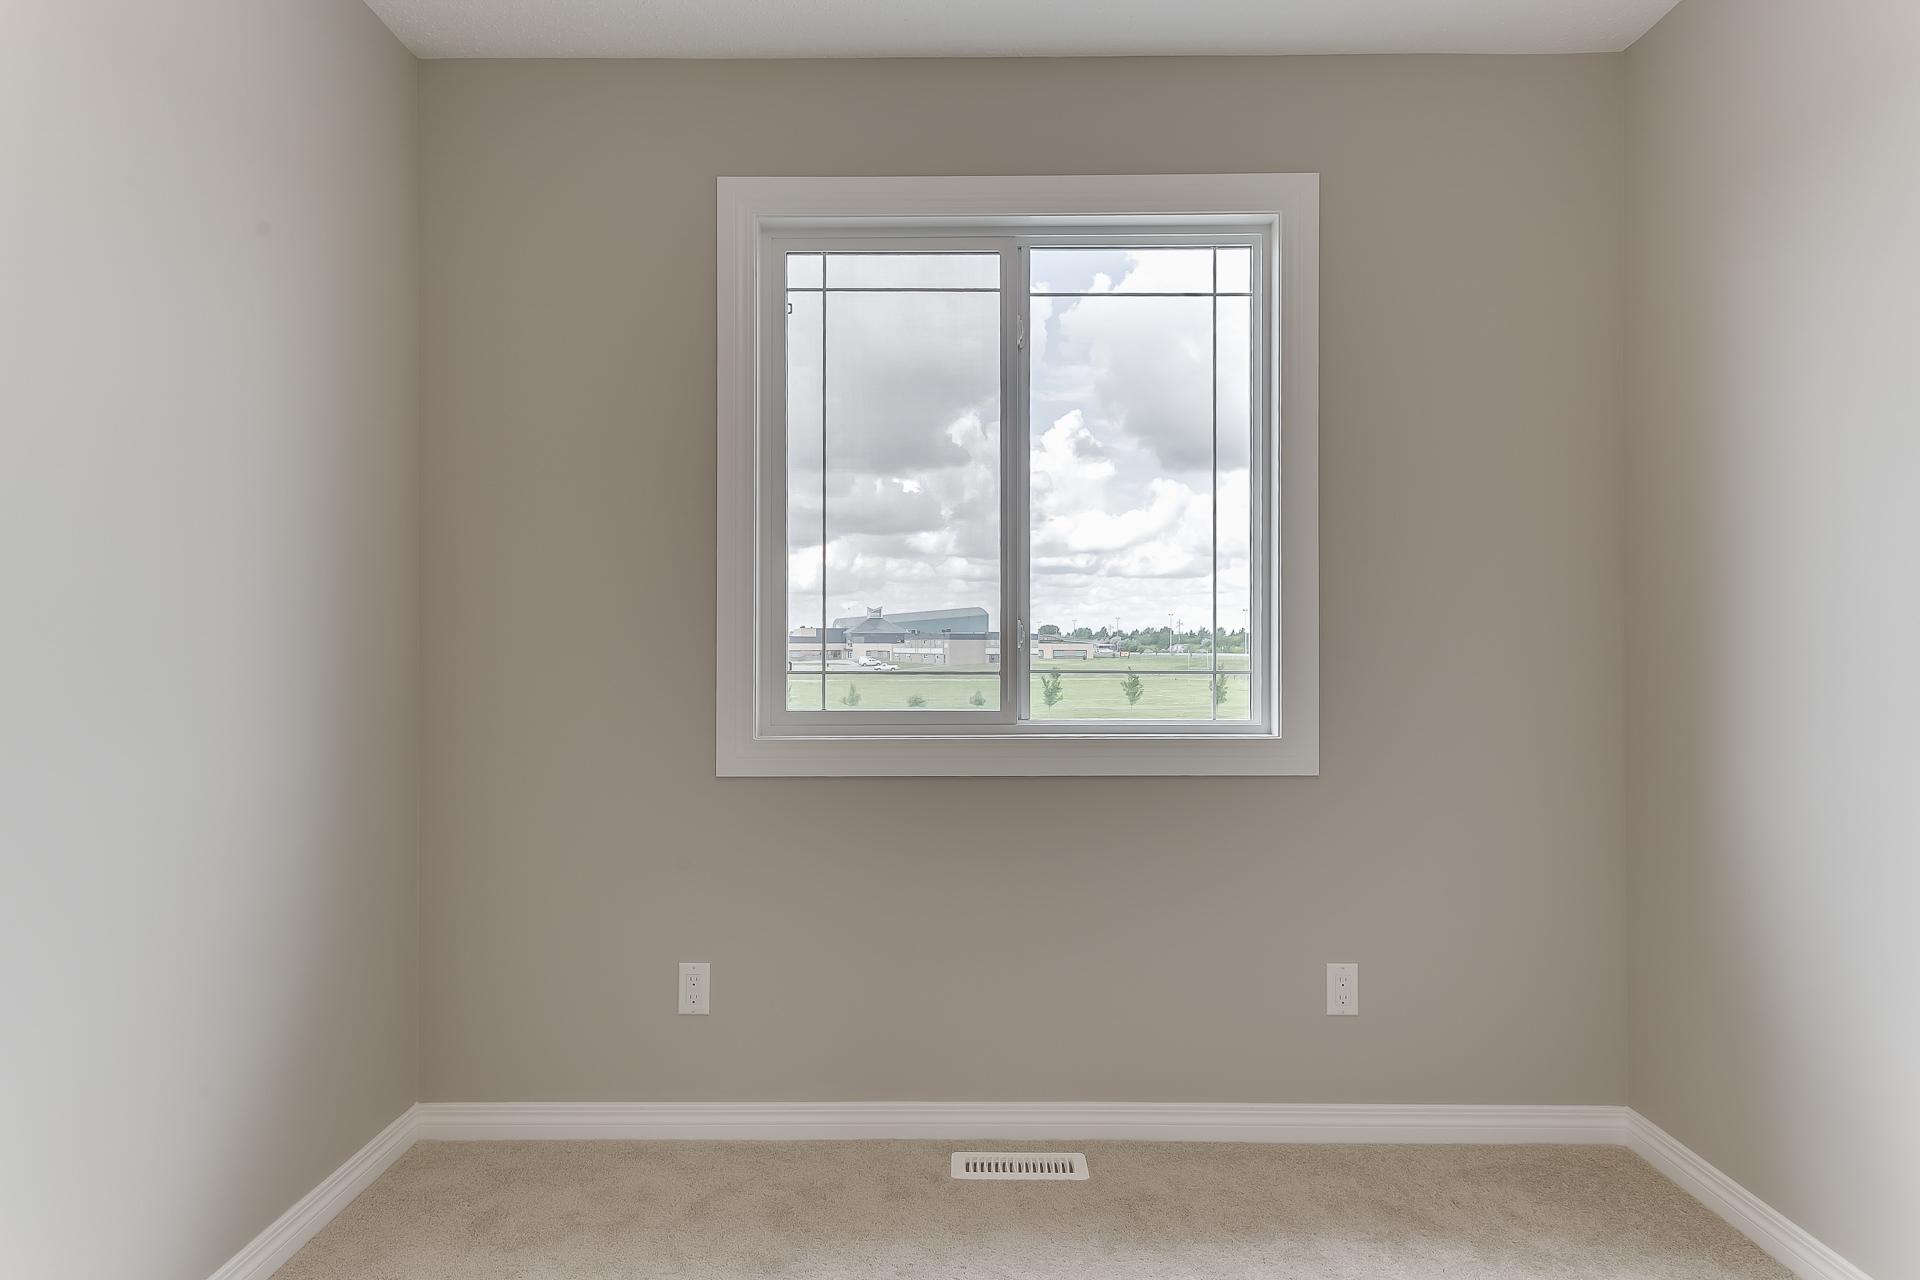 Left Bedroom Window